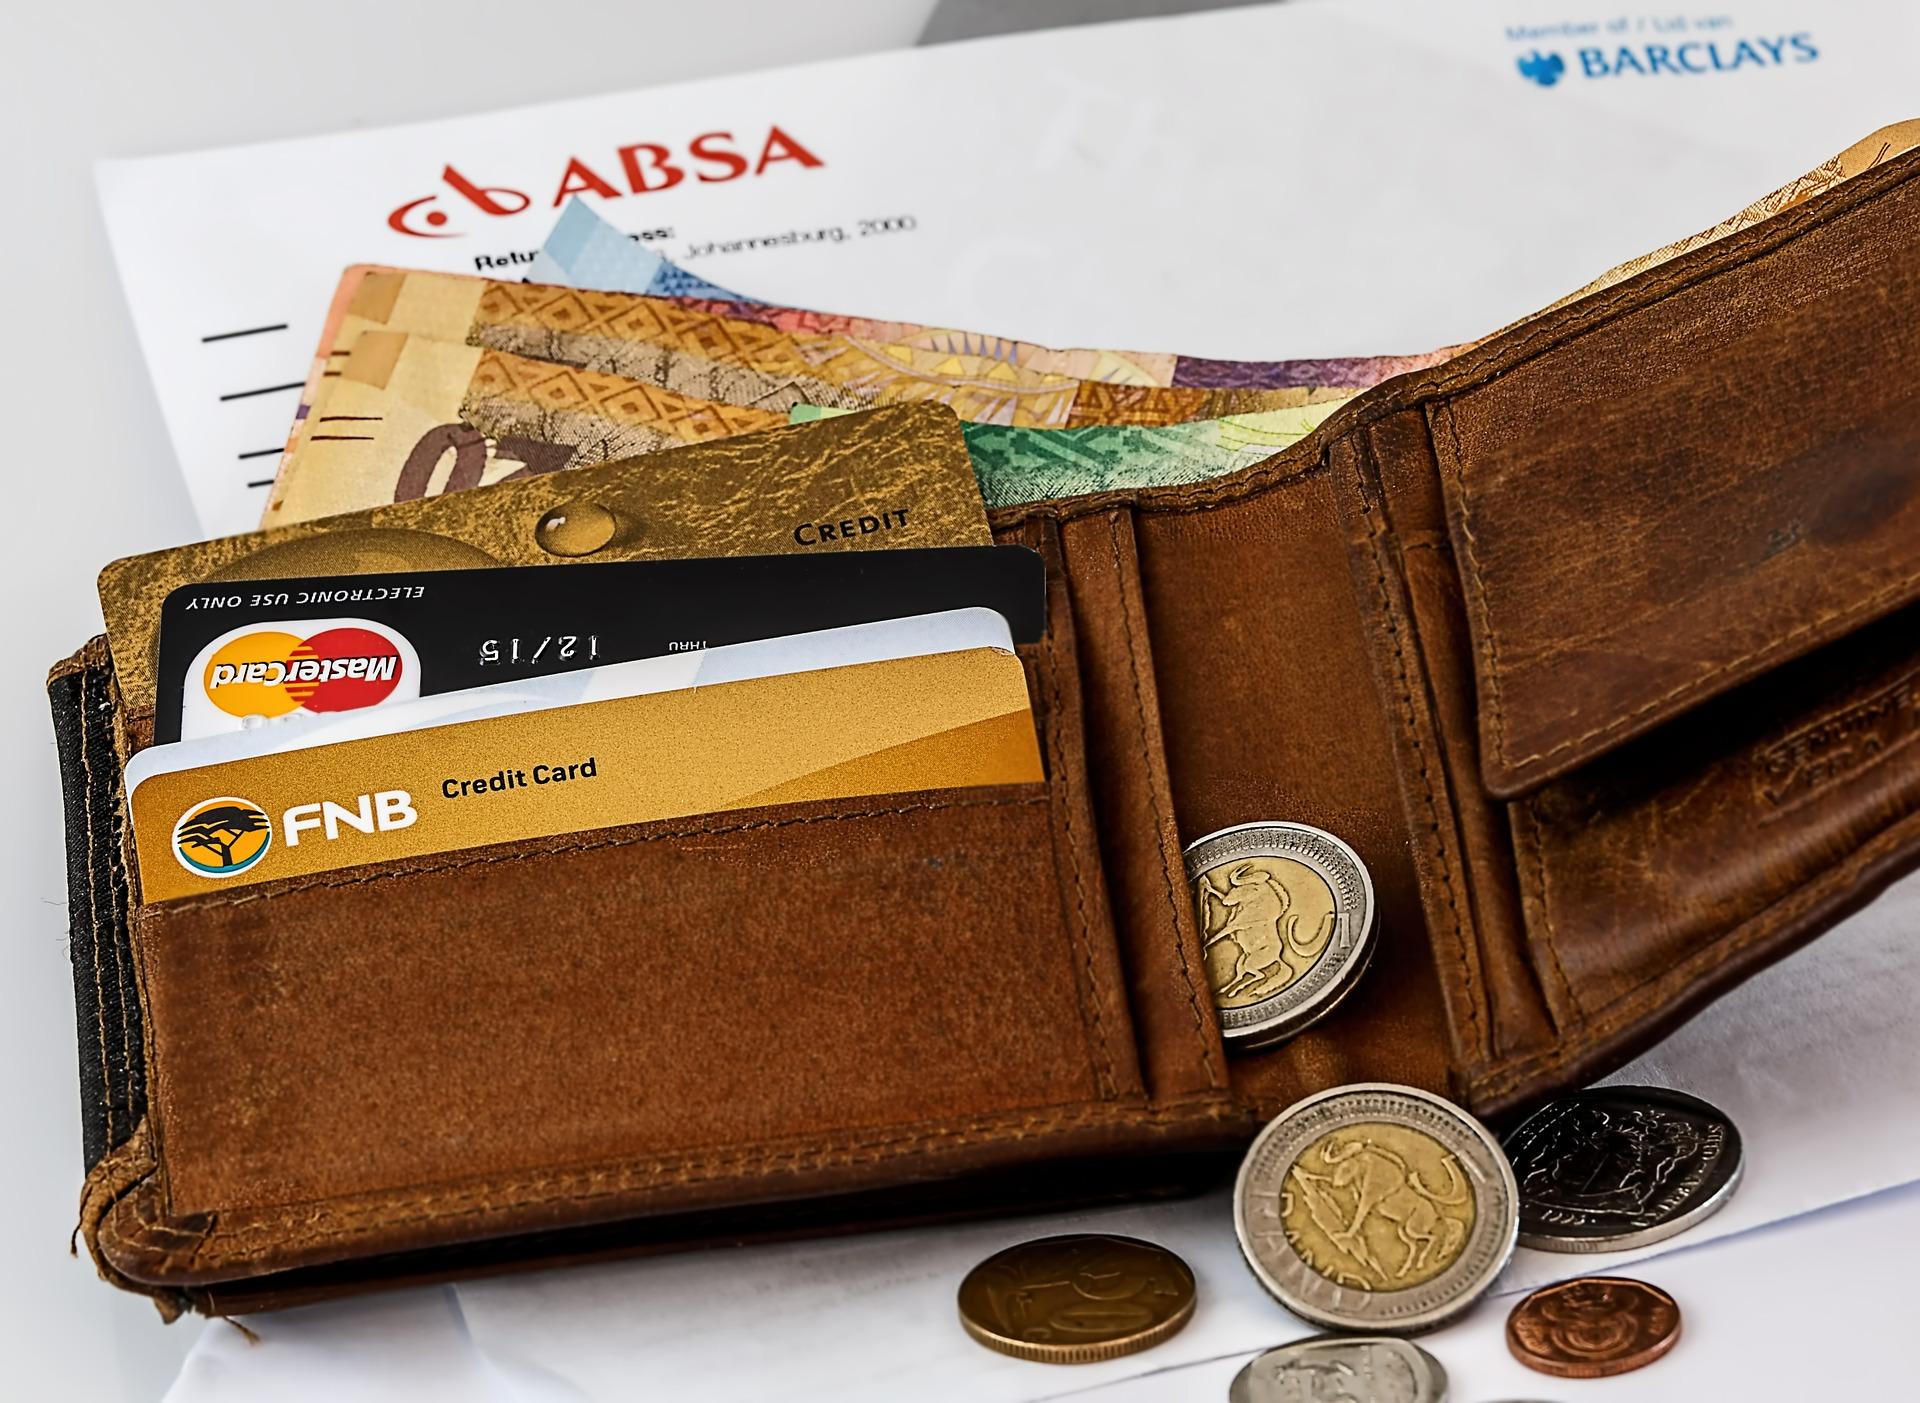 Bad Credit Repair Simplified